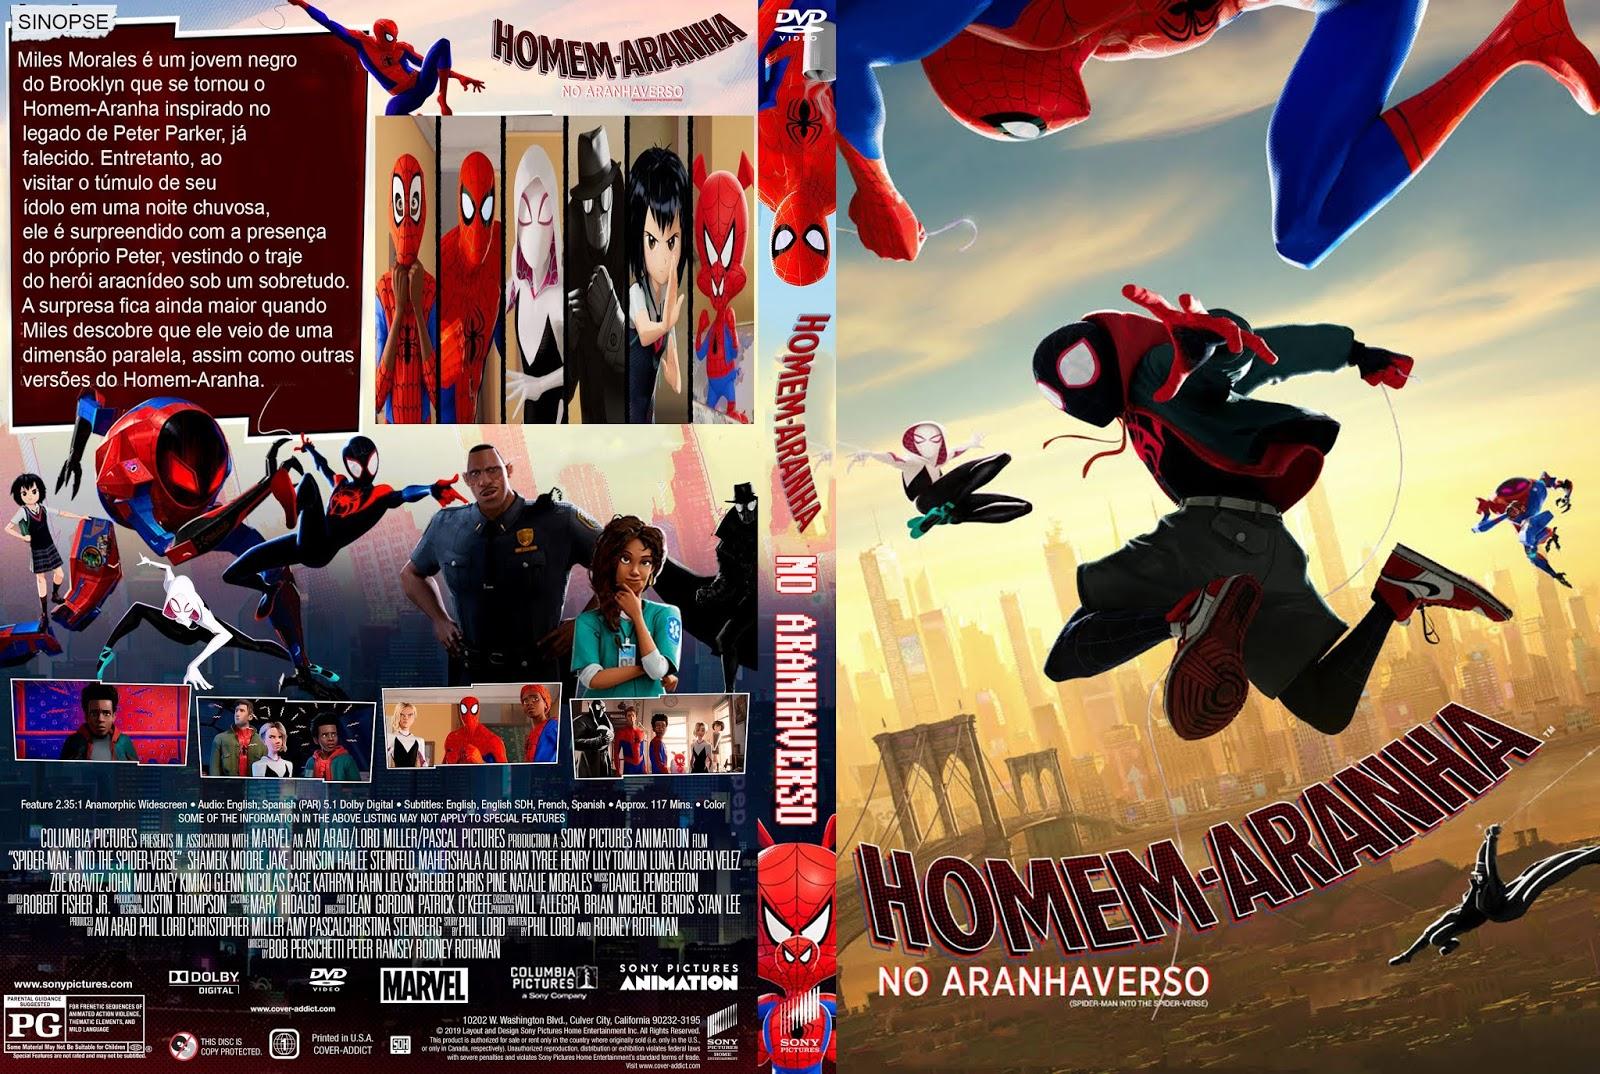 Filmes Séries Dvd R Homem Aranha No Aranhaverso Dvd R